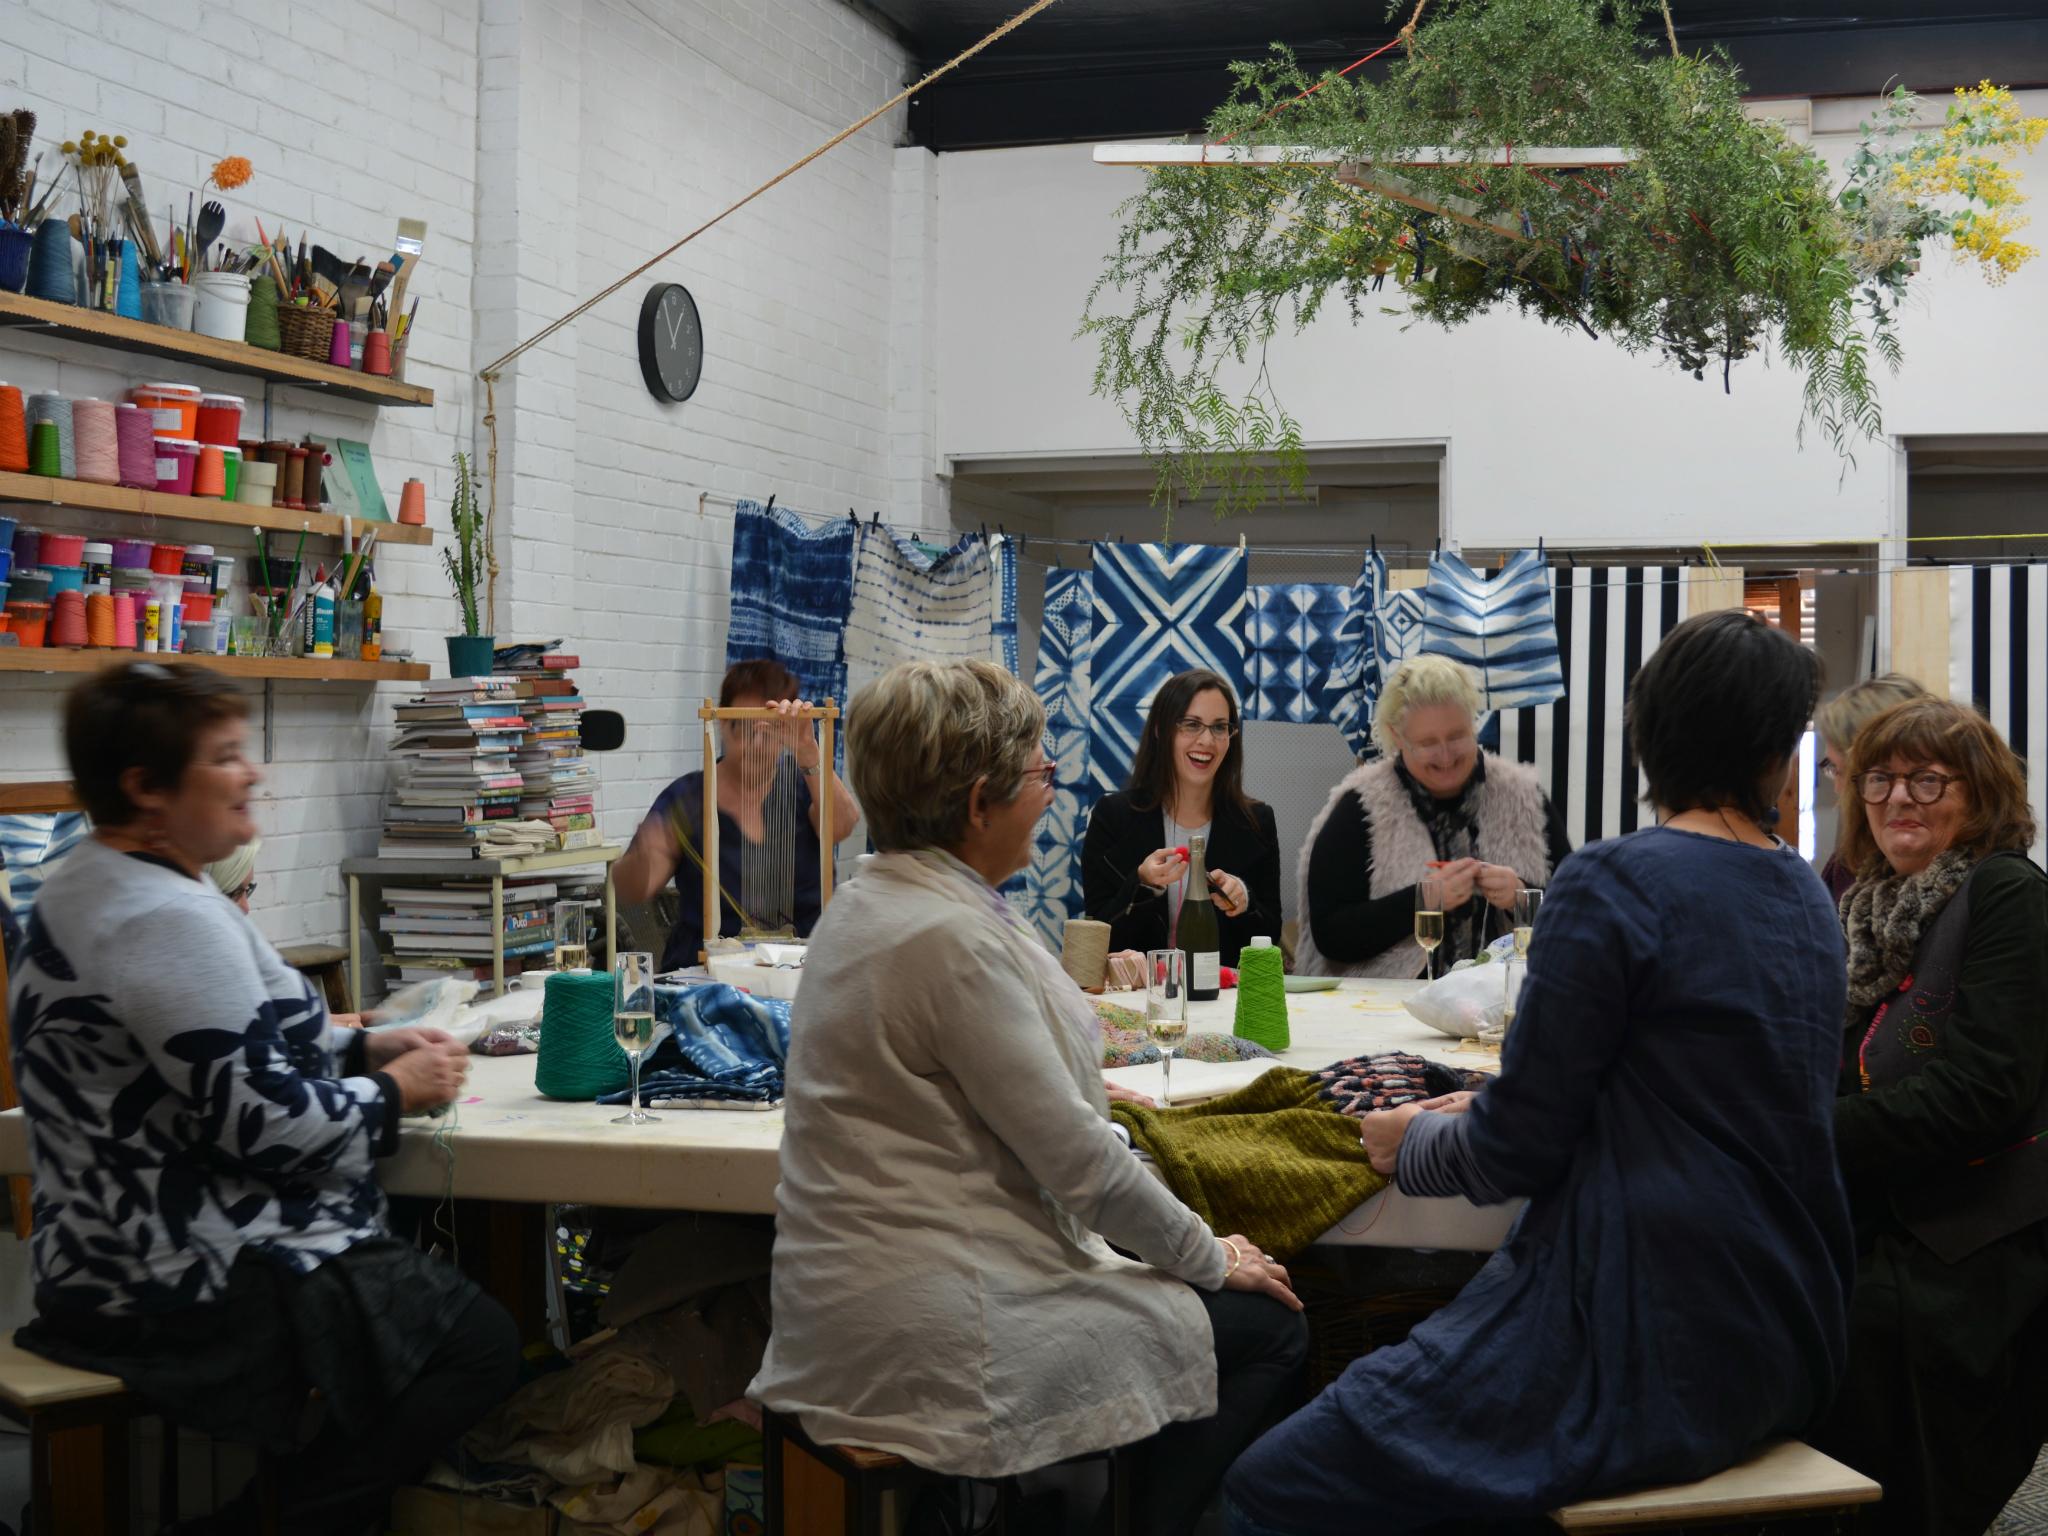 Craft workshop at the Happenstore